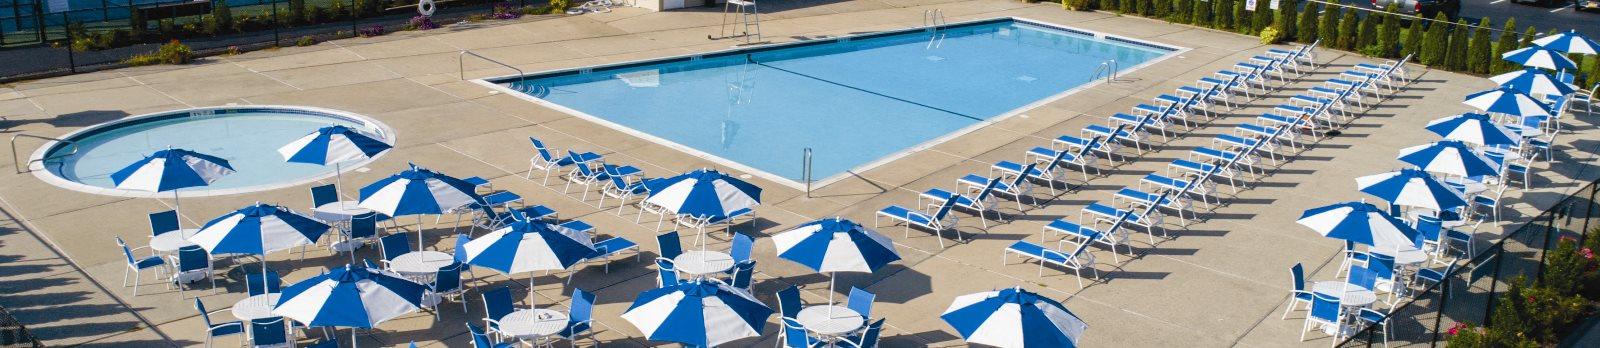 Colony Park Luxury Apartments Ronkonkoma Ny Maps And